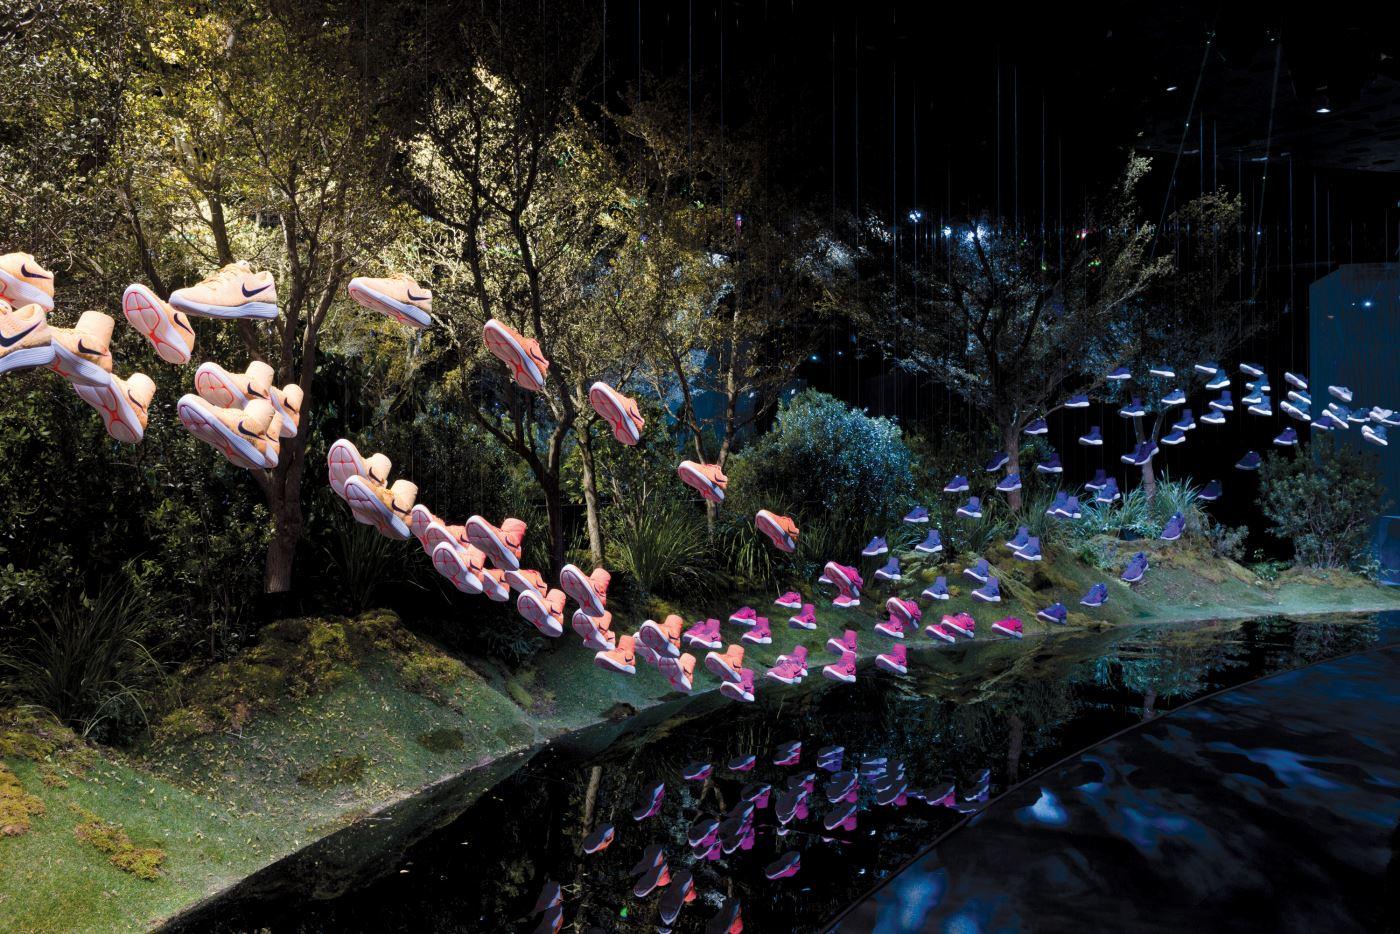 공중을 걷는 걸음처럼 디스플레이한 나이키 루나에픽은 제품의 중요한 특징인 가벼움을 시각적으로 보여준다.